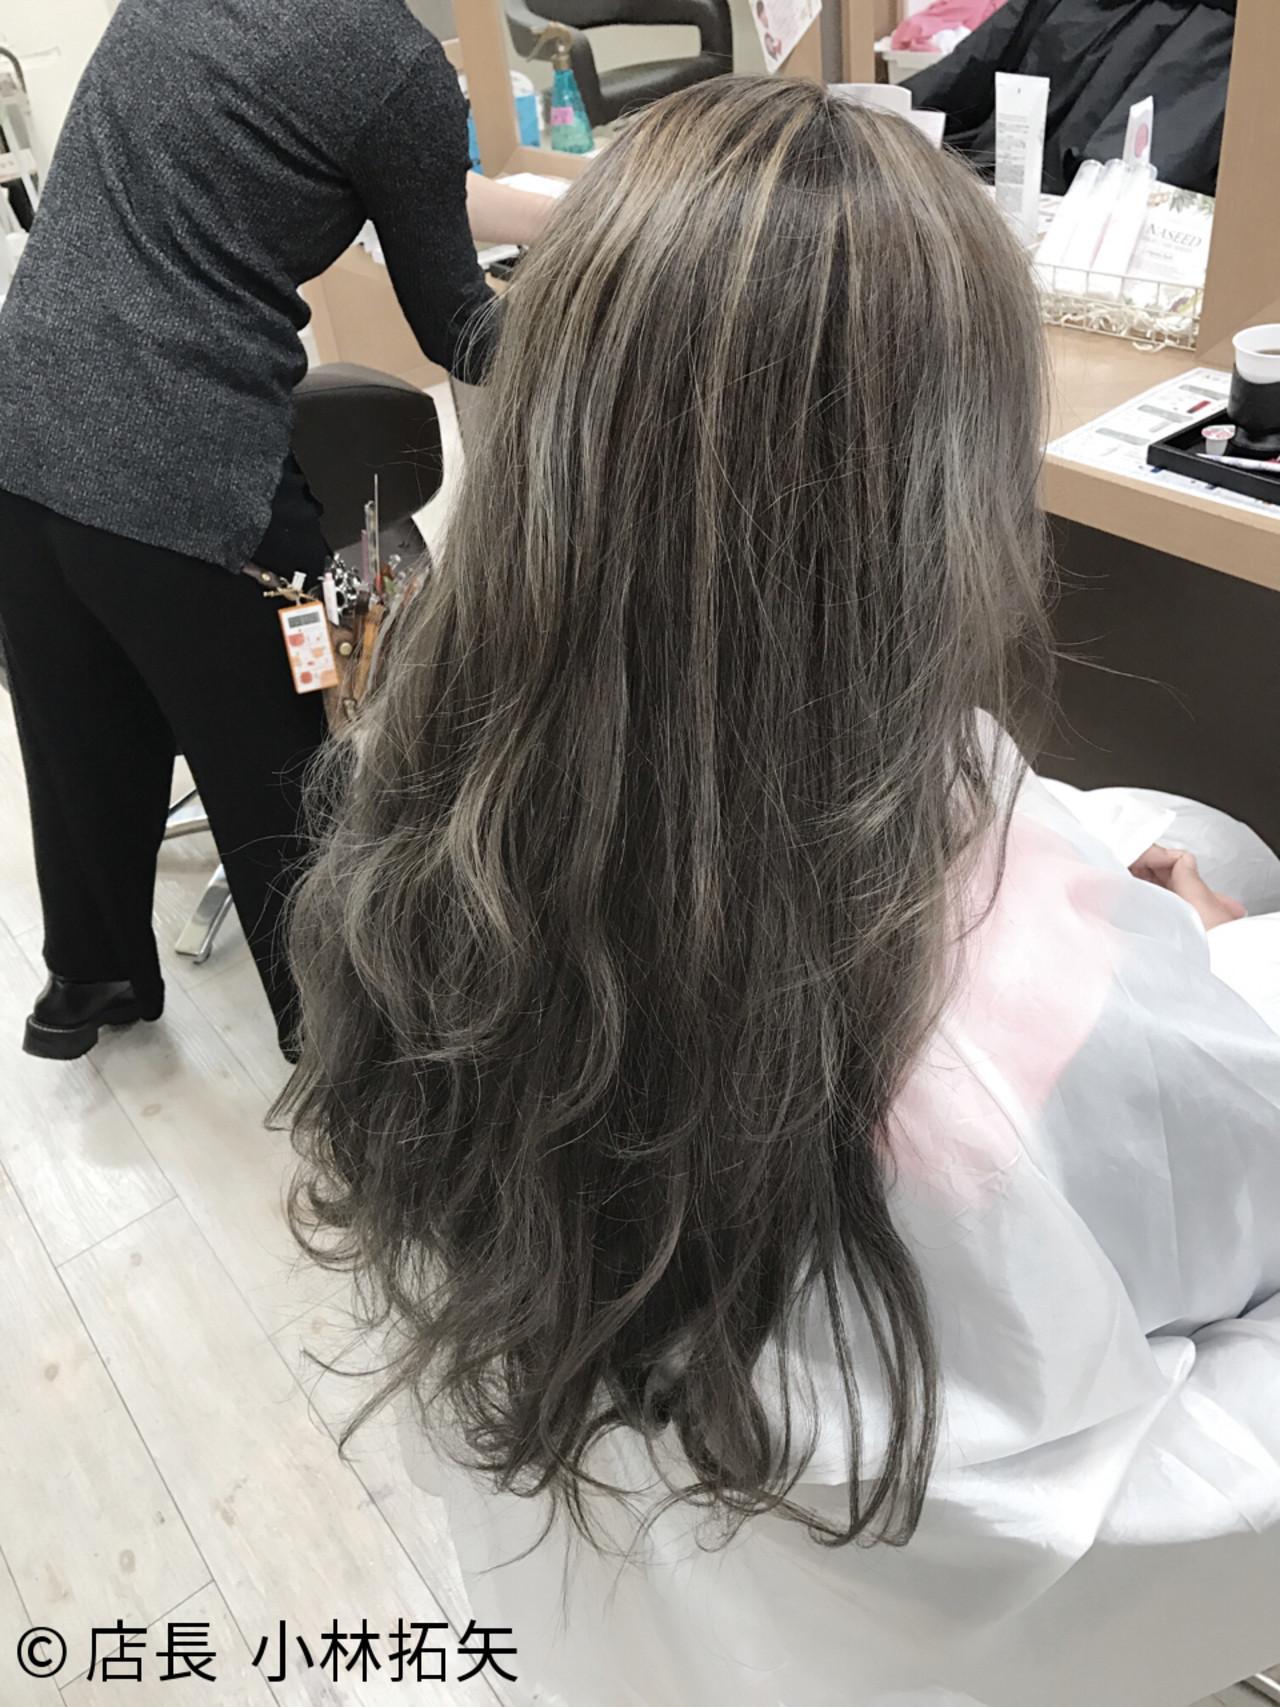 ハイライト 外国人風 ナチュラル ロング ヘアスタイルや髪型の写真・画像